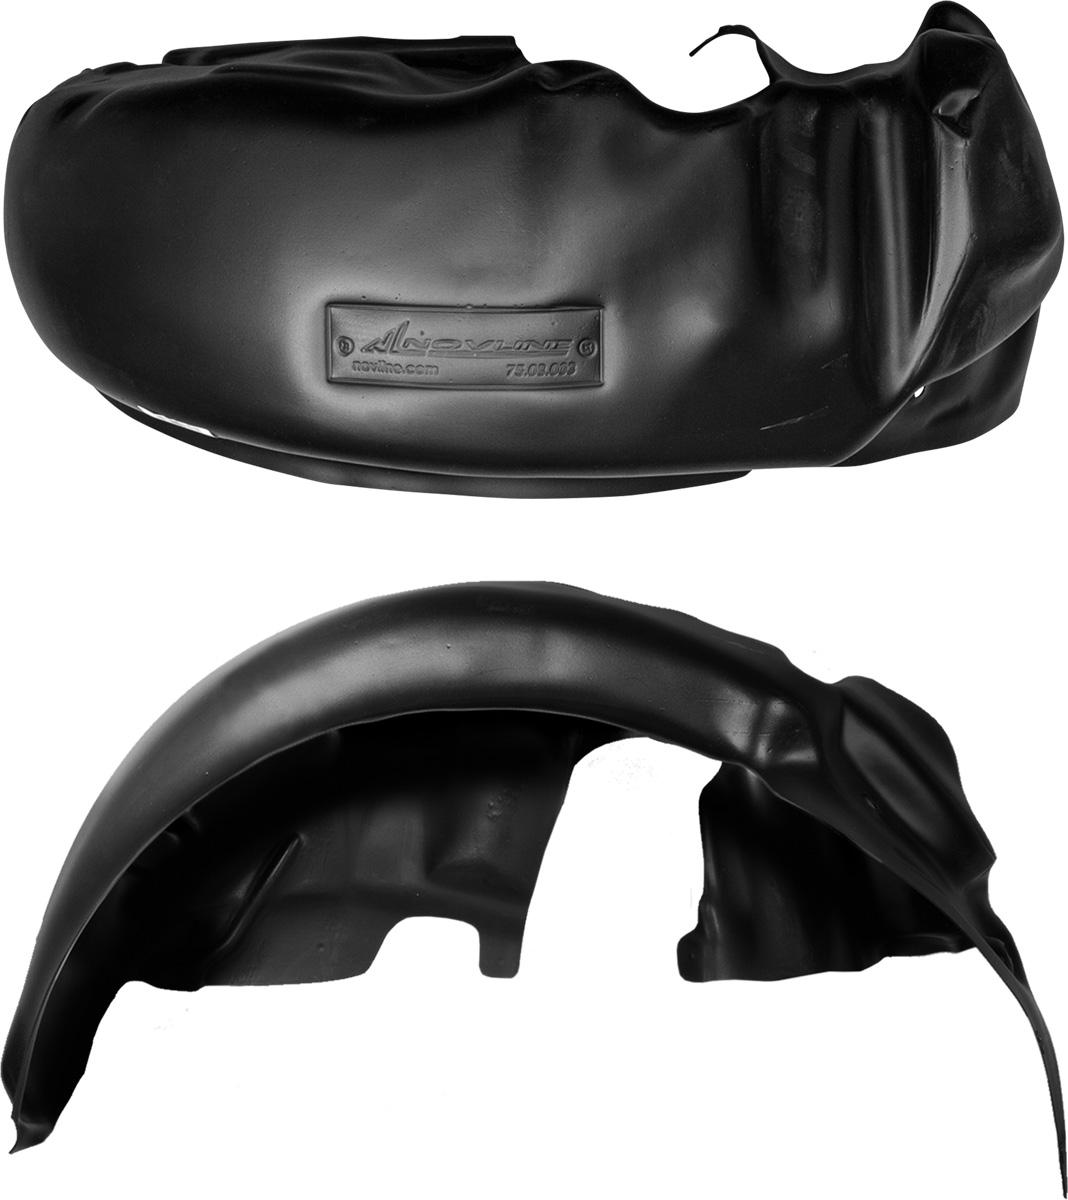 Подкрылок Novline-Autofamily, для Nissan Terrano 4x2, 2014->, задний левый1004900000360Колесные ниши - одни из самых уязвимых зон днища вашего автомобиля. Они постоянно подвергаются воздействию со стороны дороги. Лучшая, почти абсолютная защита для них - специально отформованные пластиковые кожухи, которые называются подкрылками. Производятся они как для отечественных моделей автомобилей, так и для иномарок. Подкрылки Novline-Autofamily выполнены из высококачественного, экологически чистого пластика. Обеспечивают надежную защиту кузова автомобиля от пескоструйного эффекта и негативного влияния, агрессивных антигололедных реагентов. Пластик обладает более низкой теплопроводностью, чем металл, поэтому в зимний период эксплуатации использование пластиковых подкрылков позволяет лучше защитить колесные ниши от налипания снега и образования наледи. Оригинальность конструкции подчеркивает элегантность автомобиля, бережно защищает нанесенное на днище кузова антикоррозийное покрытие и позволяет осуществить крепление подкрылков внутри колесной арки практически без дополнительного крепежа и сверления, не нарушая при этом лакокрасочного покрытия, что предотвращает возникновение новых очагов коррозии. Подкрылки долговечны, обладают высокой прочностью и сохраняют заданную форму, а также все свои физико-механические характеристики в самых тяжелых климатических условиях (от -50°С до +50°С).Уважаемые клиенты!Обращаем ваше внимание, на тот факт, что подкрылок имеет форму, соответствующую модели данного автомобиля. Фото служит для визуального восприятия товара.